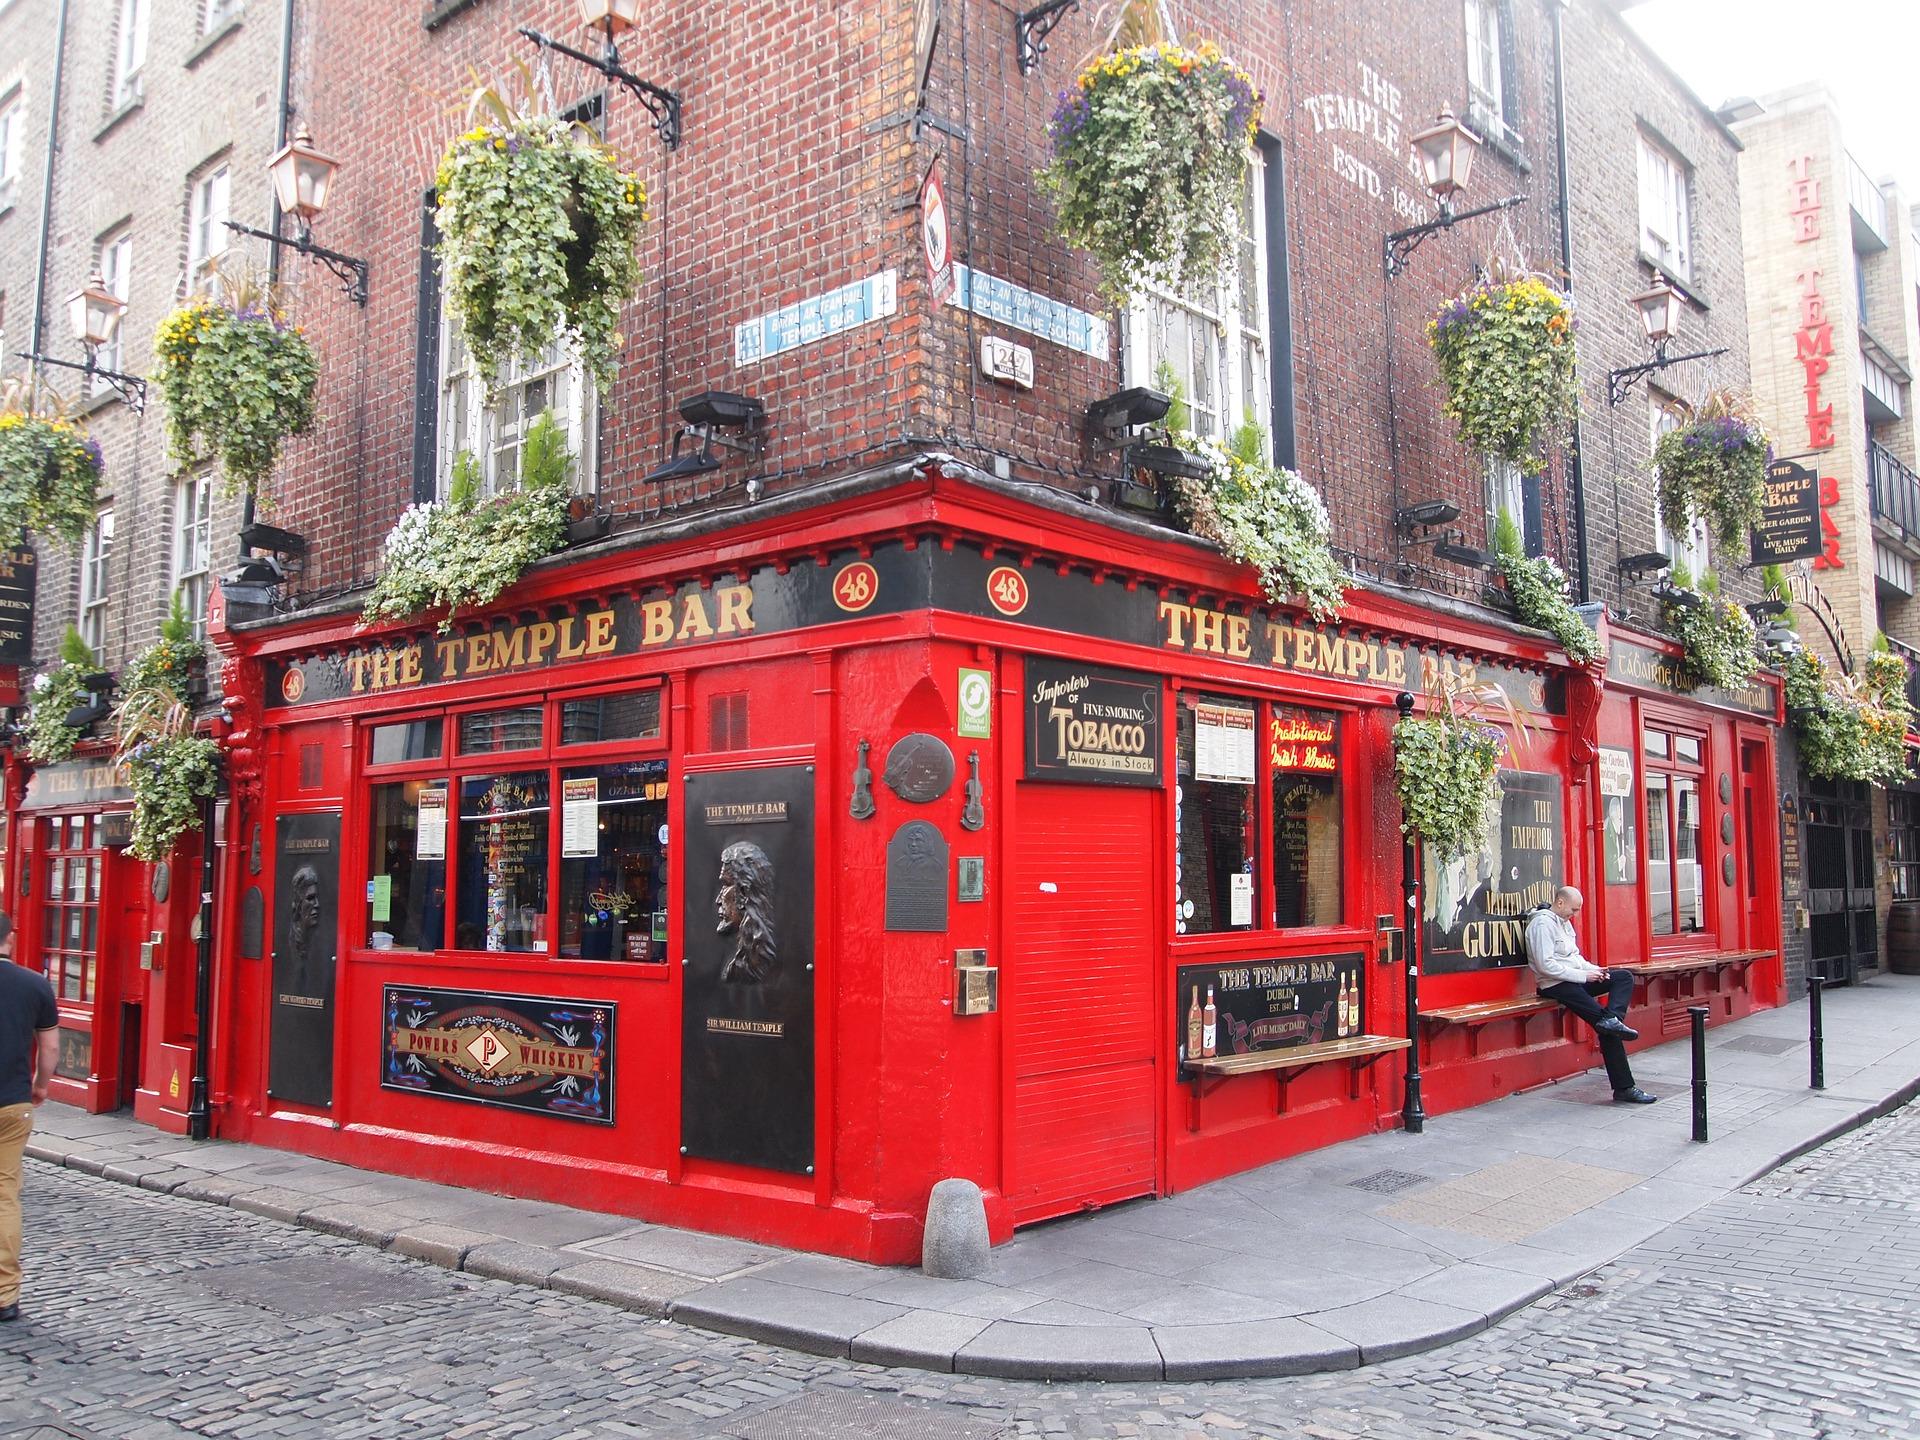 Corsi di lingua all'estero - DUBLINO - CARTA DEL DOCENTE - Giocamondo Study-DUBLINO